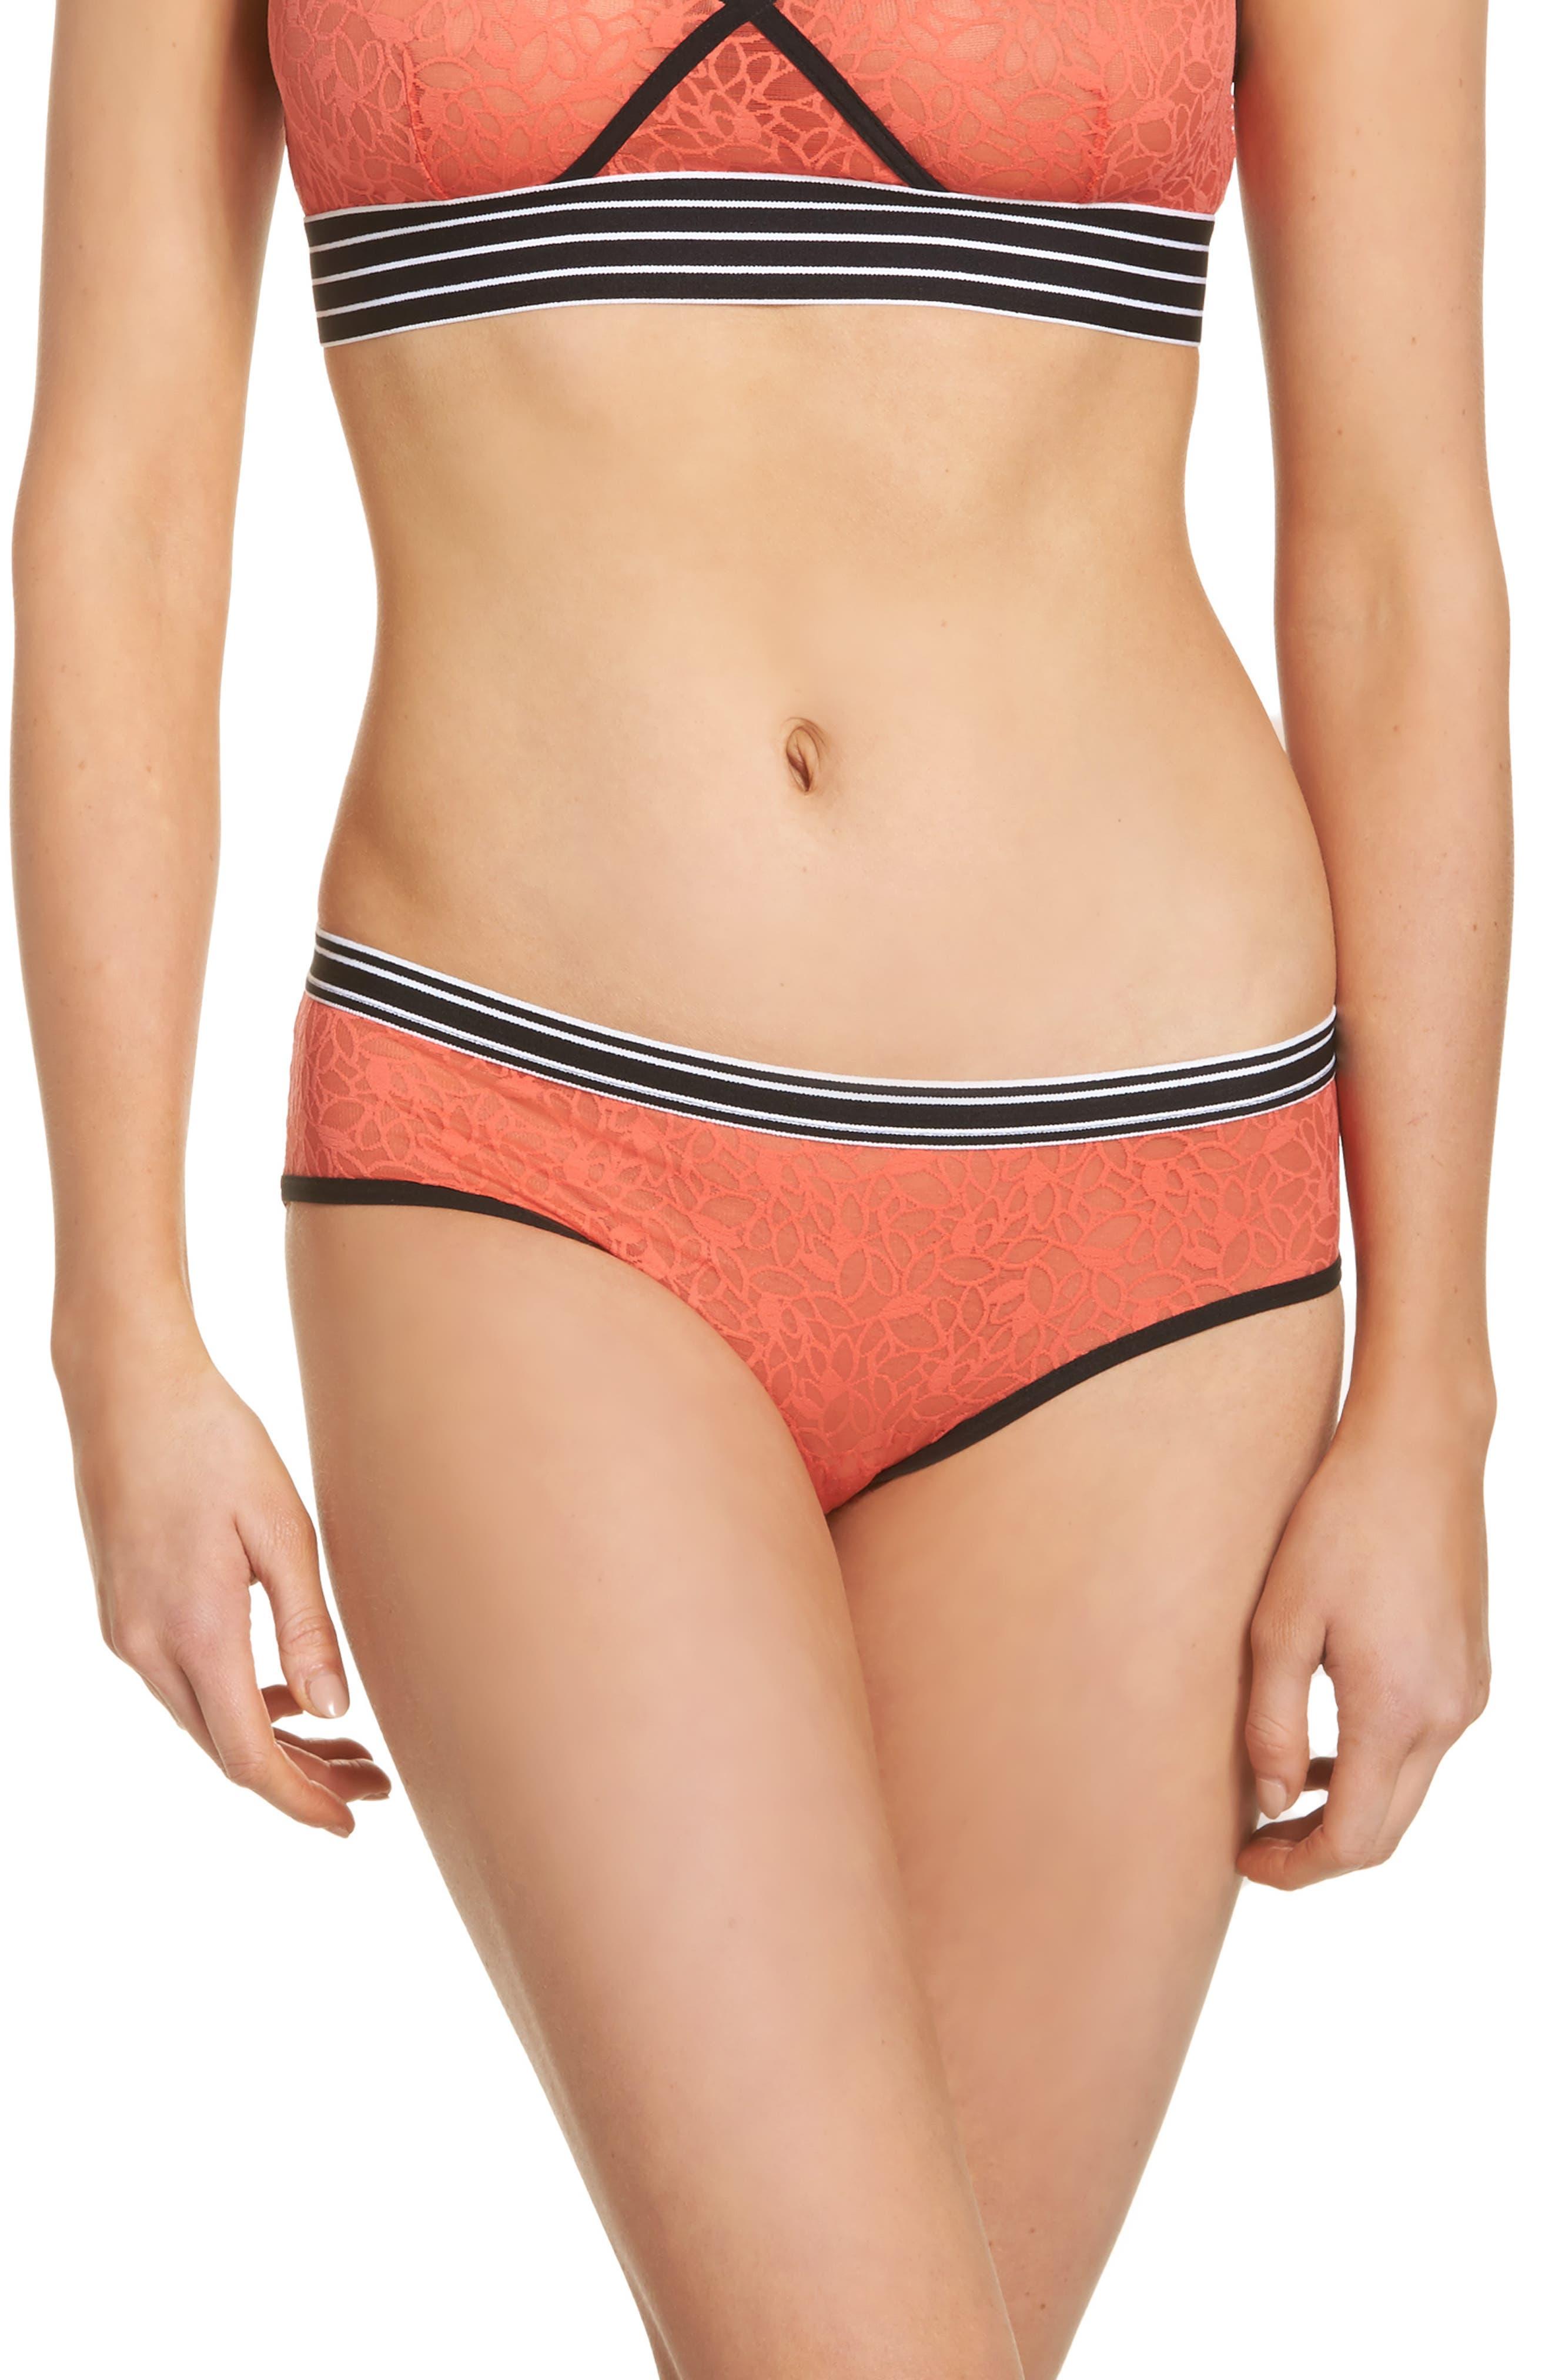 Lori Lace Hipster Panties,                             Main thumbnail 1, color,                             Coral Hot